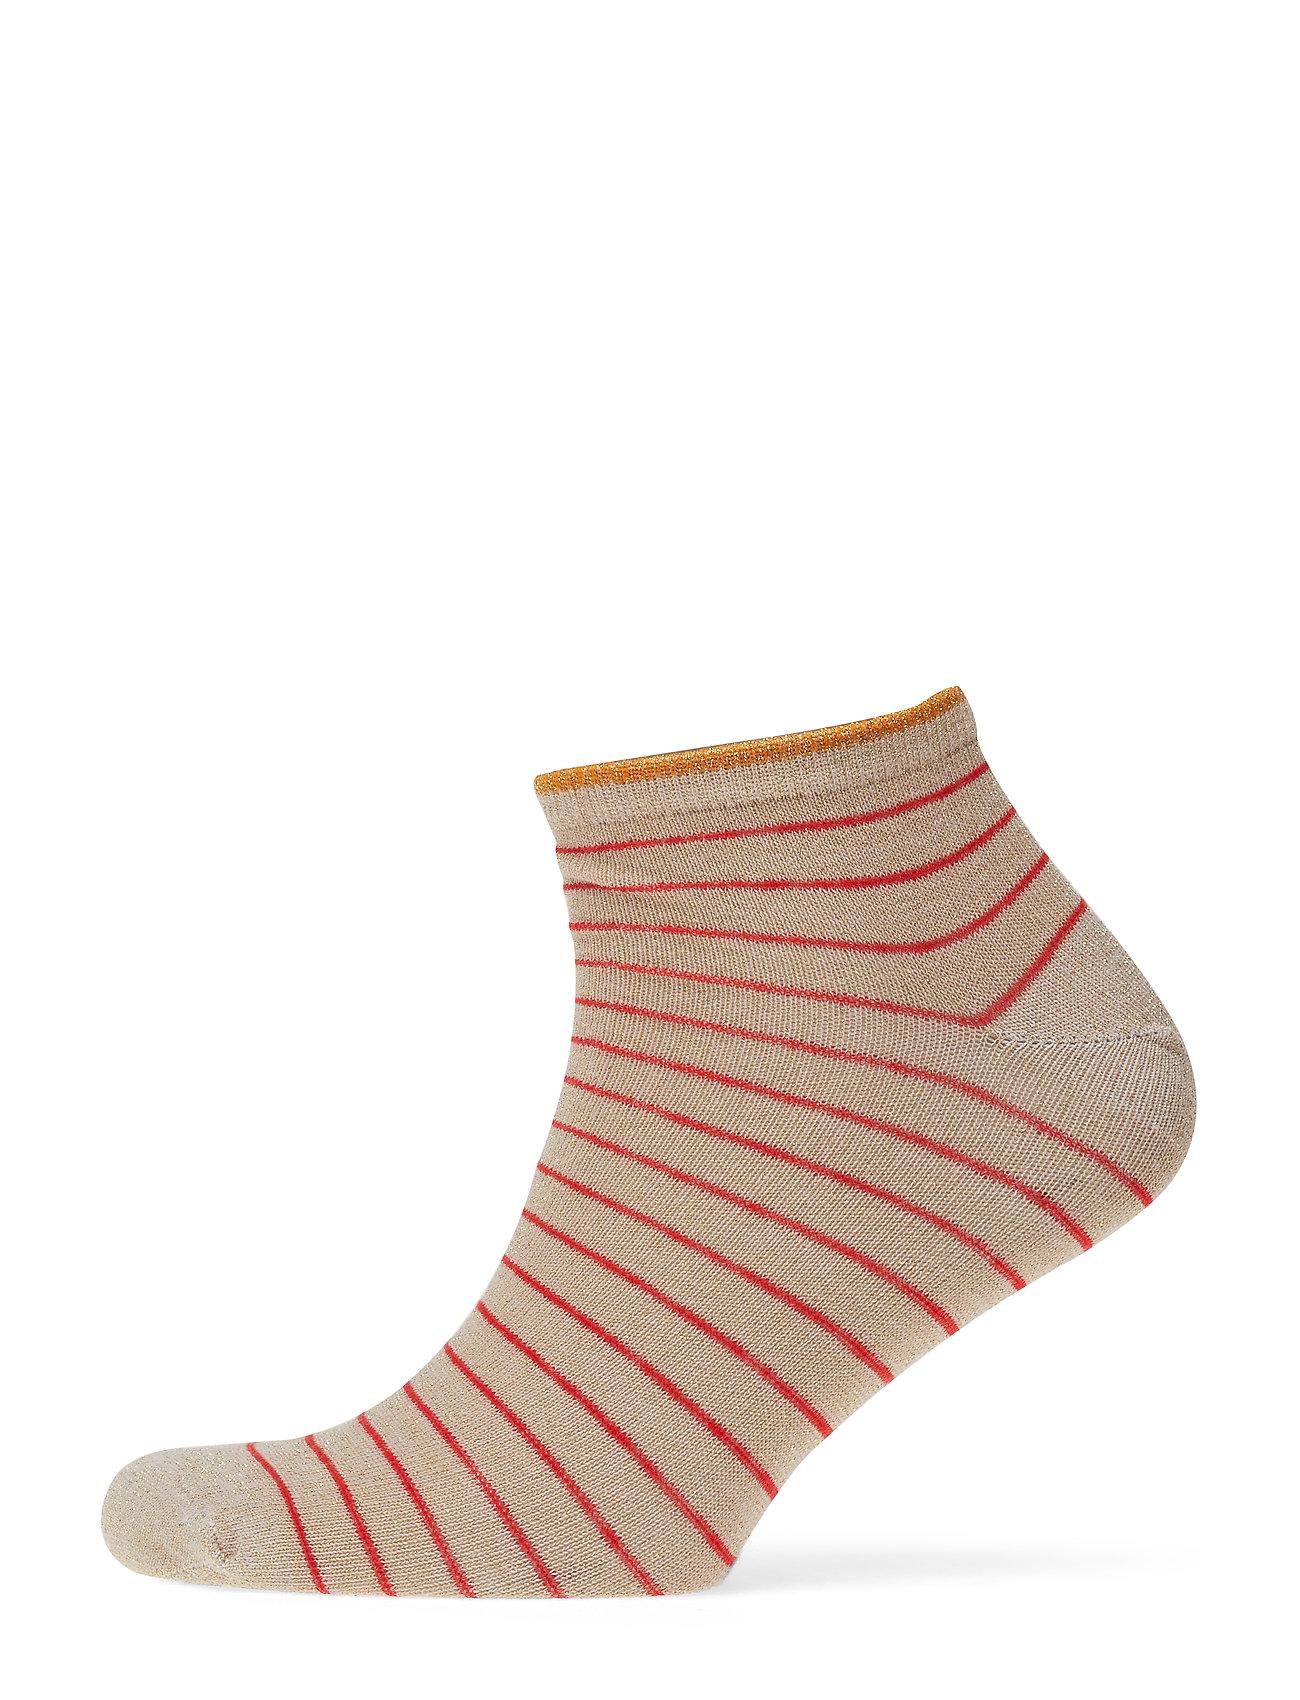 BECKSÖNDERGAARD Dollie Stripe Sock - RED LOVE